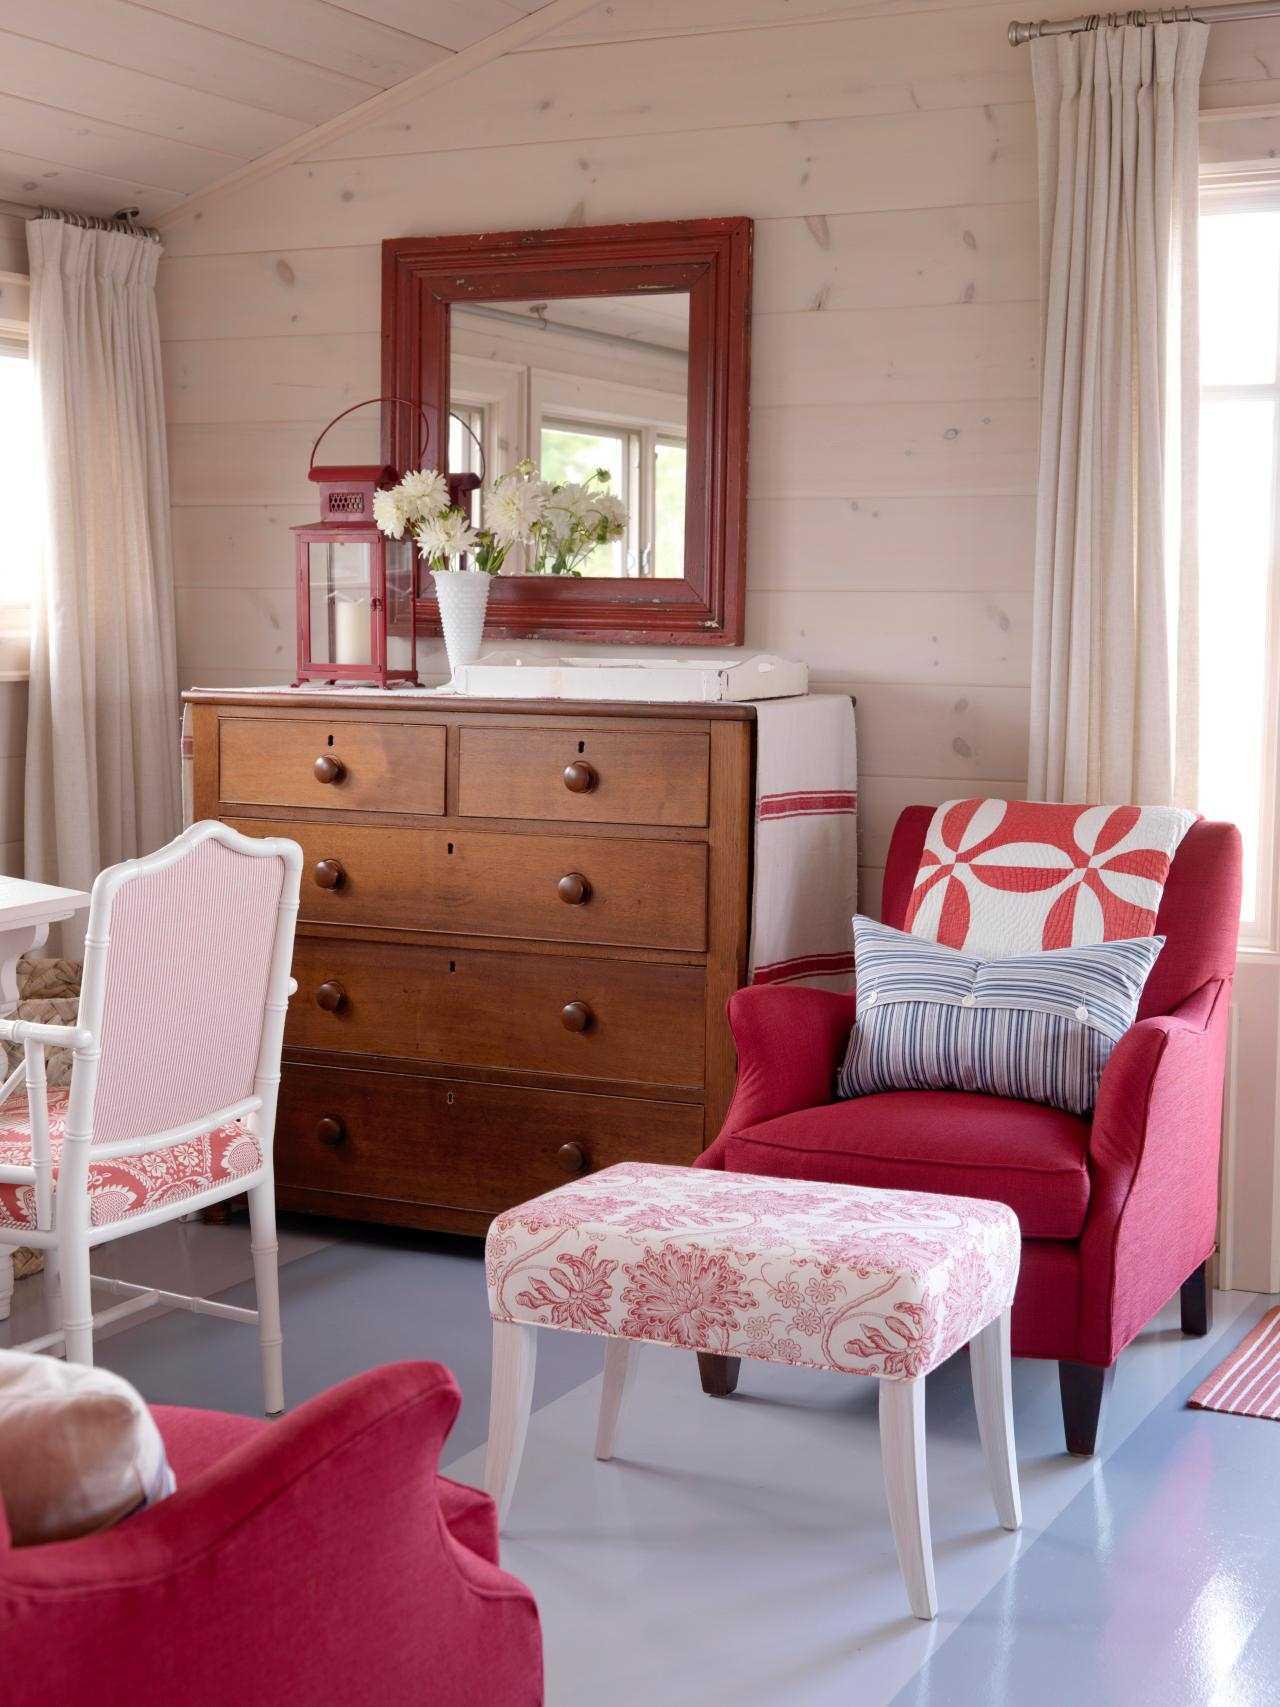 gaiši rozā istabas interjerā kombinācija ar citām krāsām